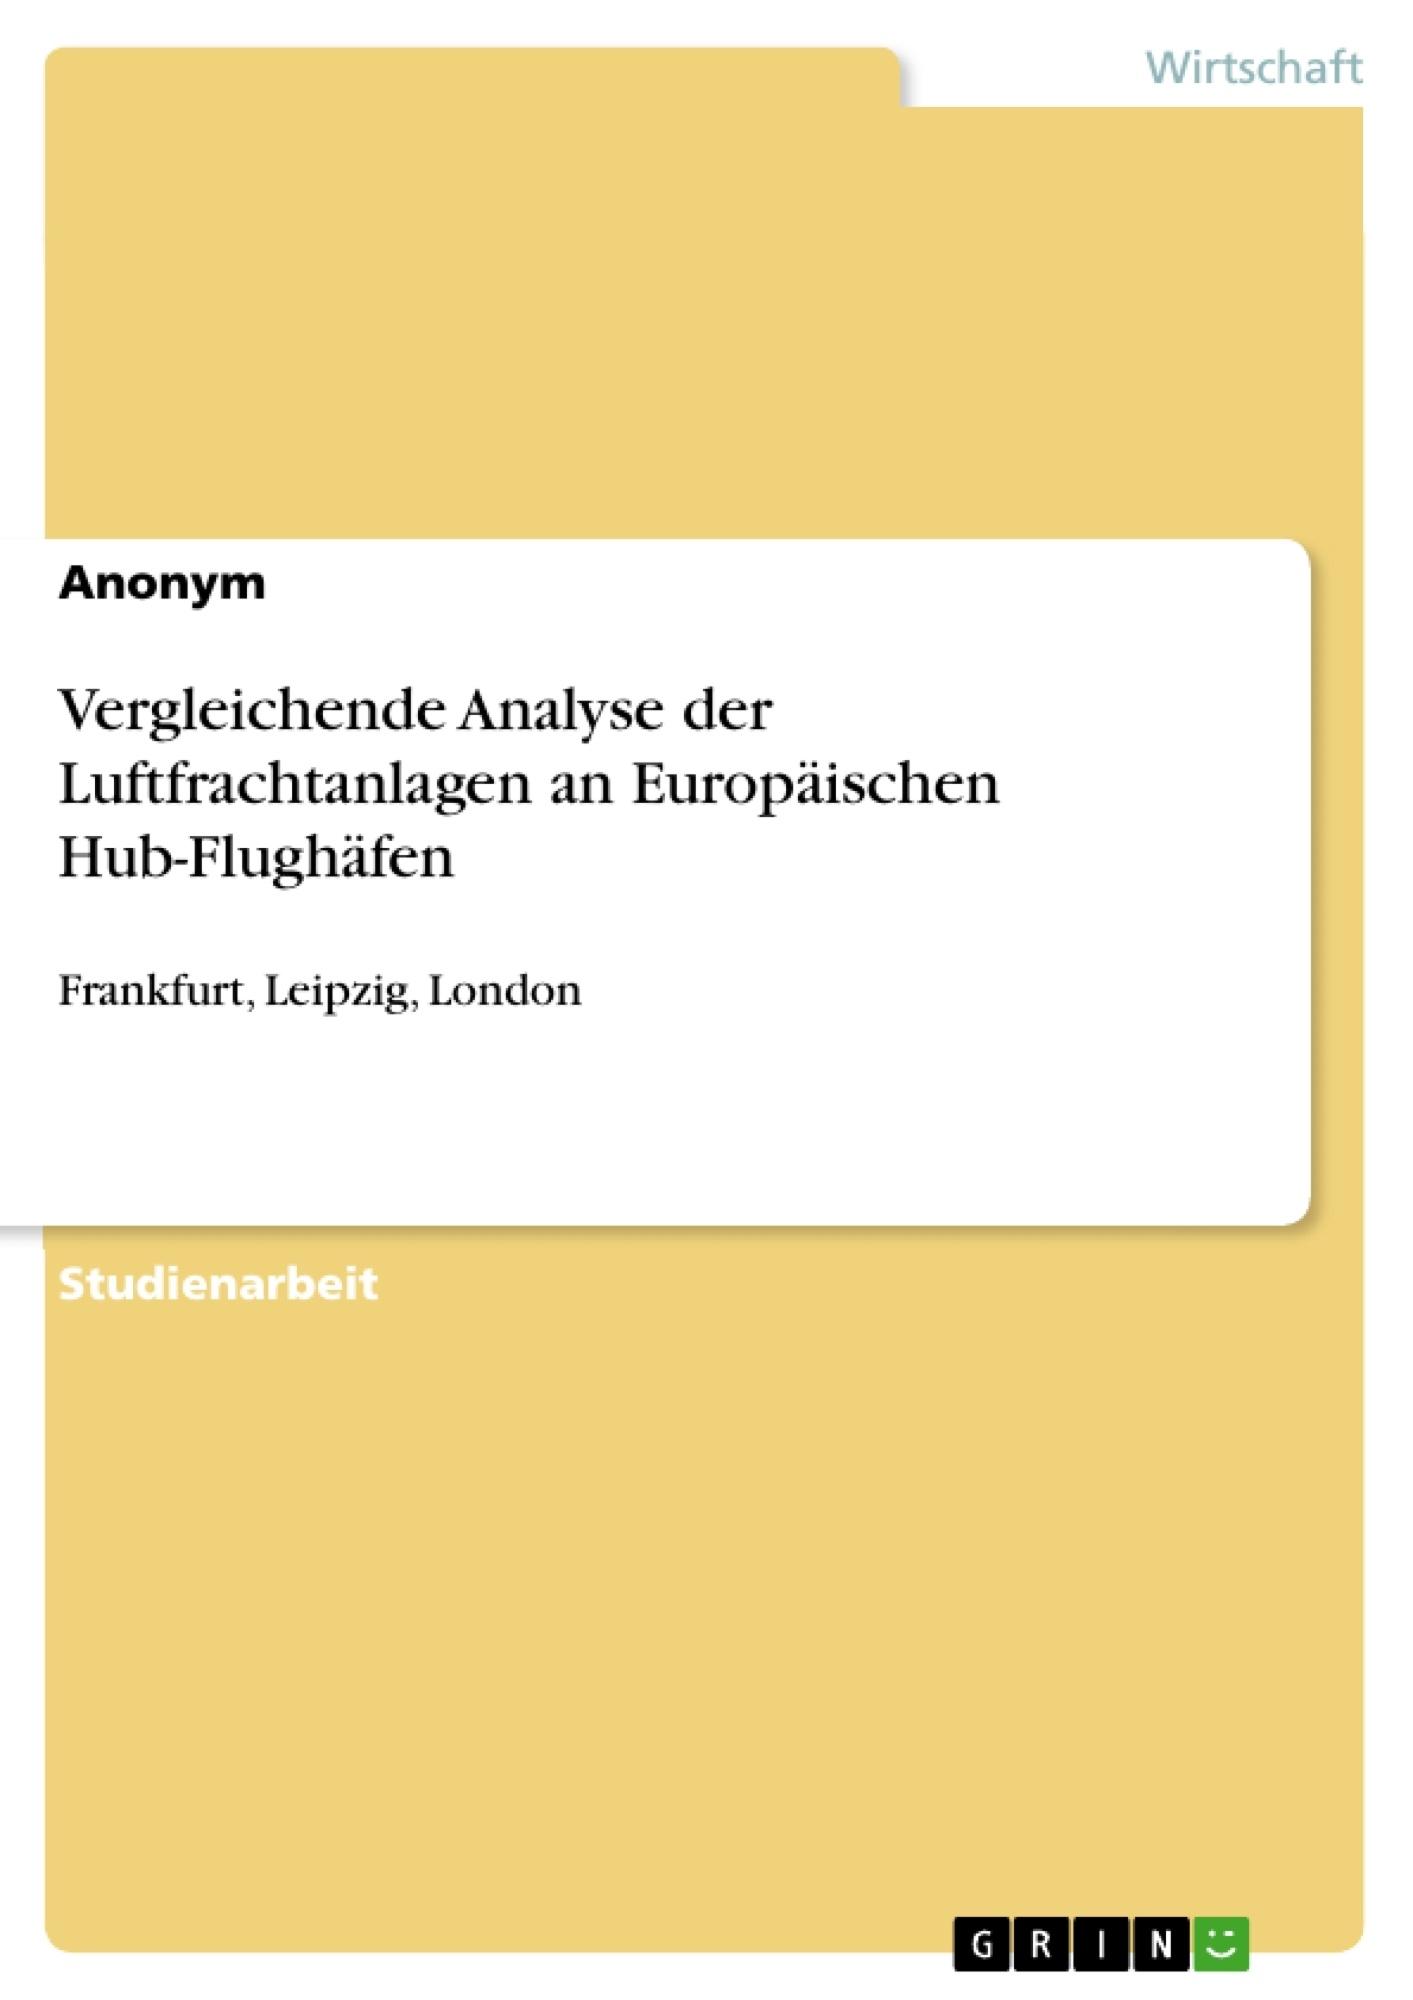 Titel: Vergleichende Analyse der Luftfrachtanlagen an Europäischen Hub-Flughäfen